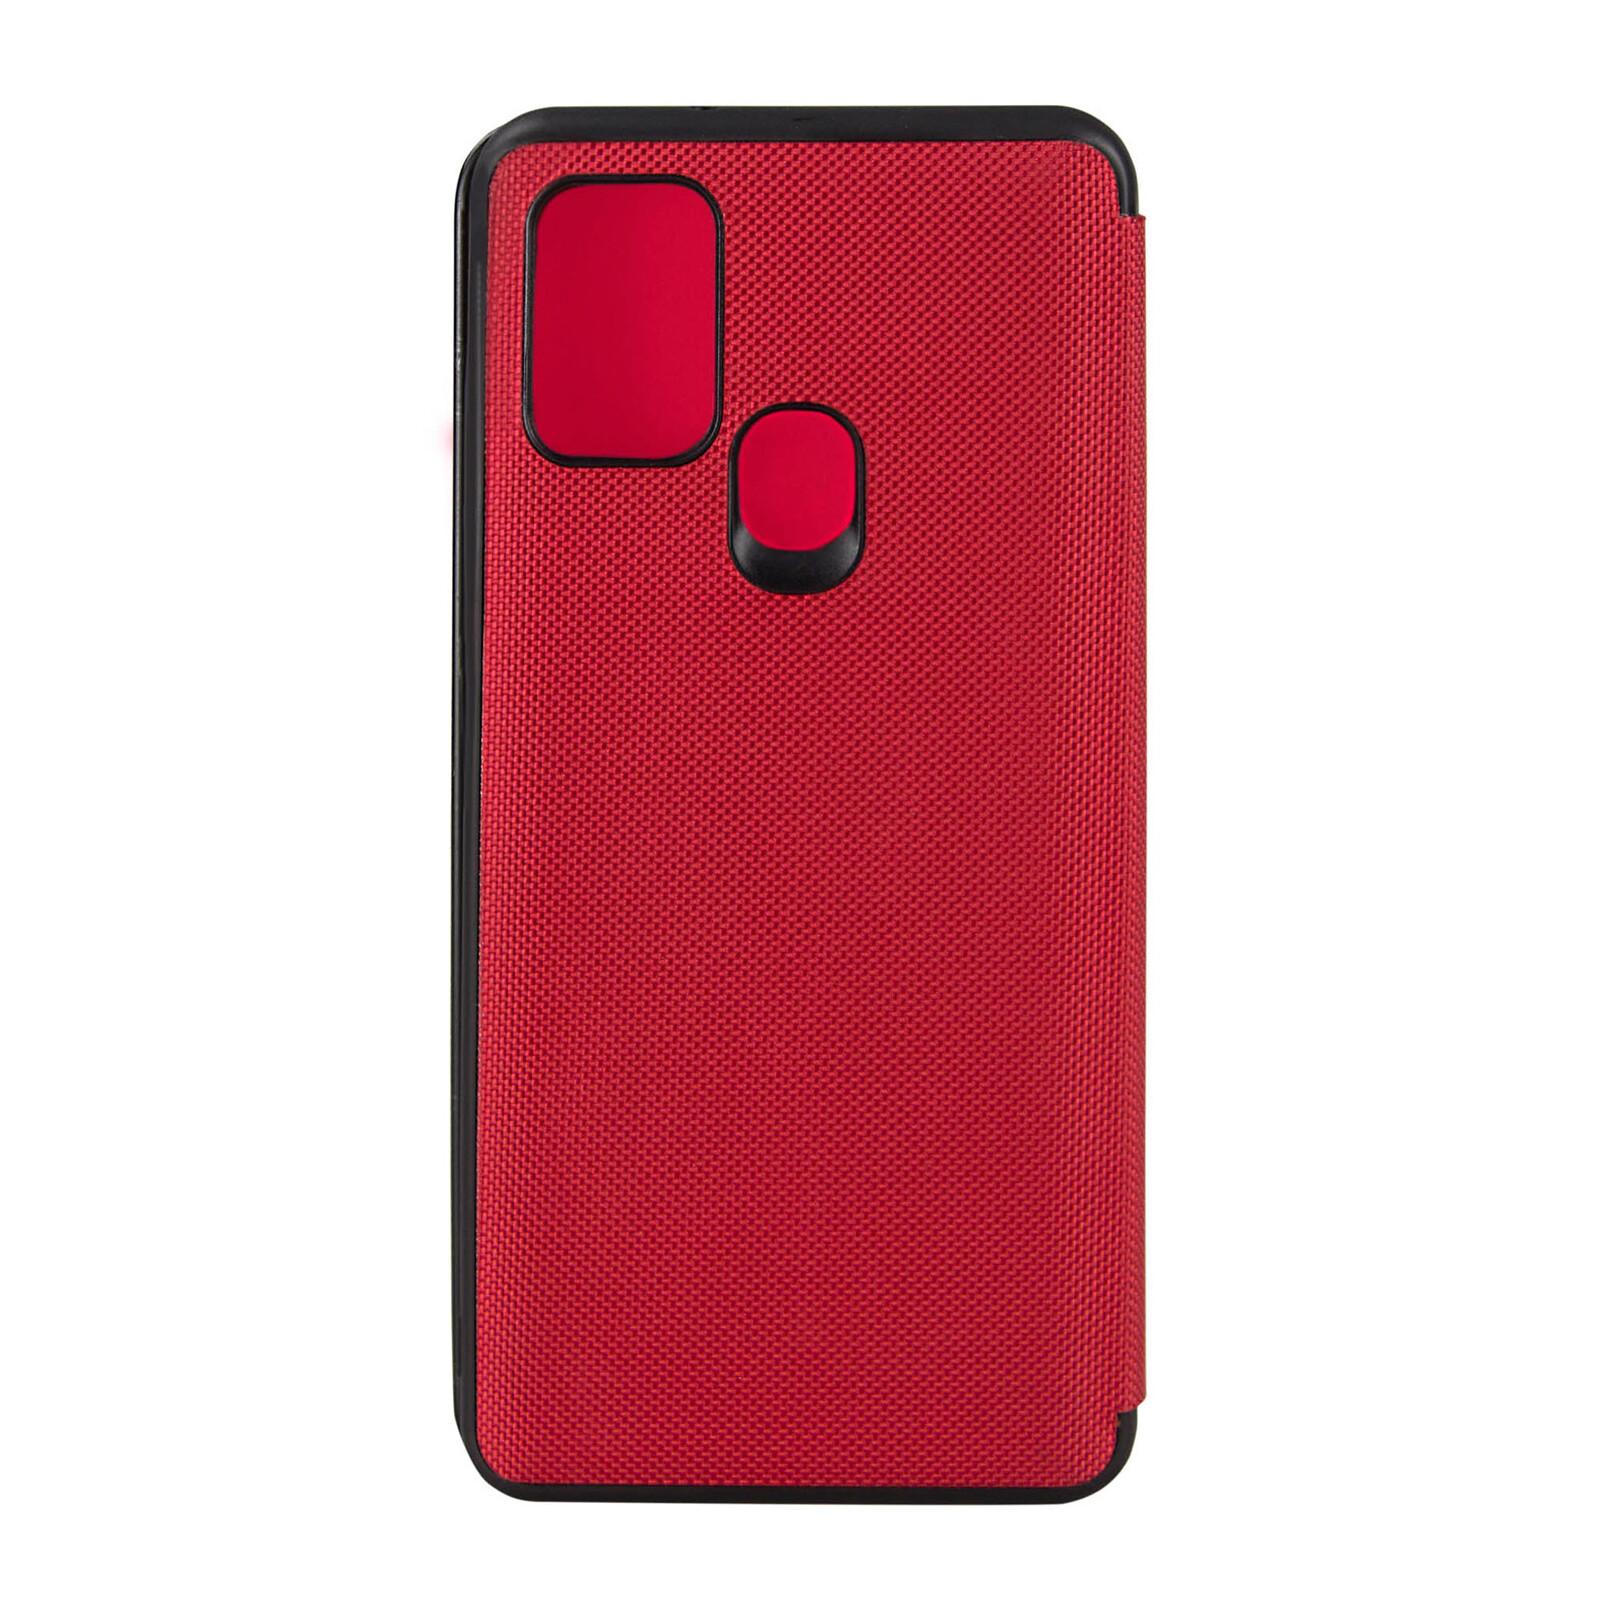 Felixx Booktasche VALENCIA Samsung Galaxy A21s rot